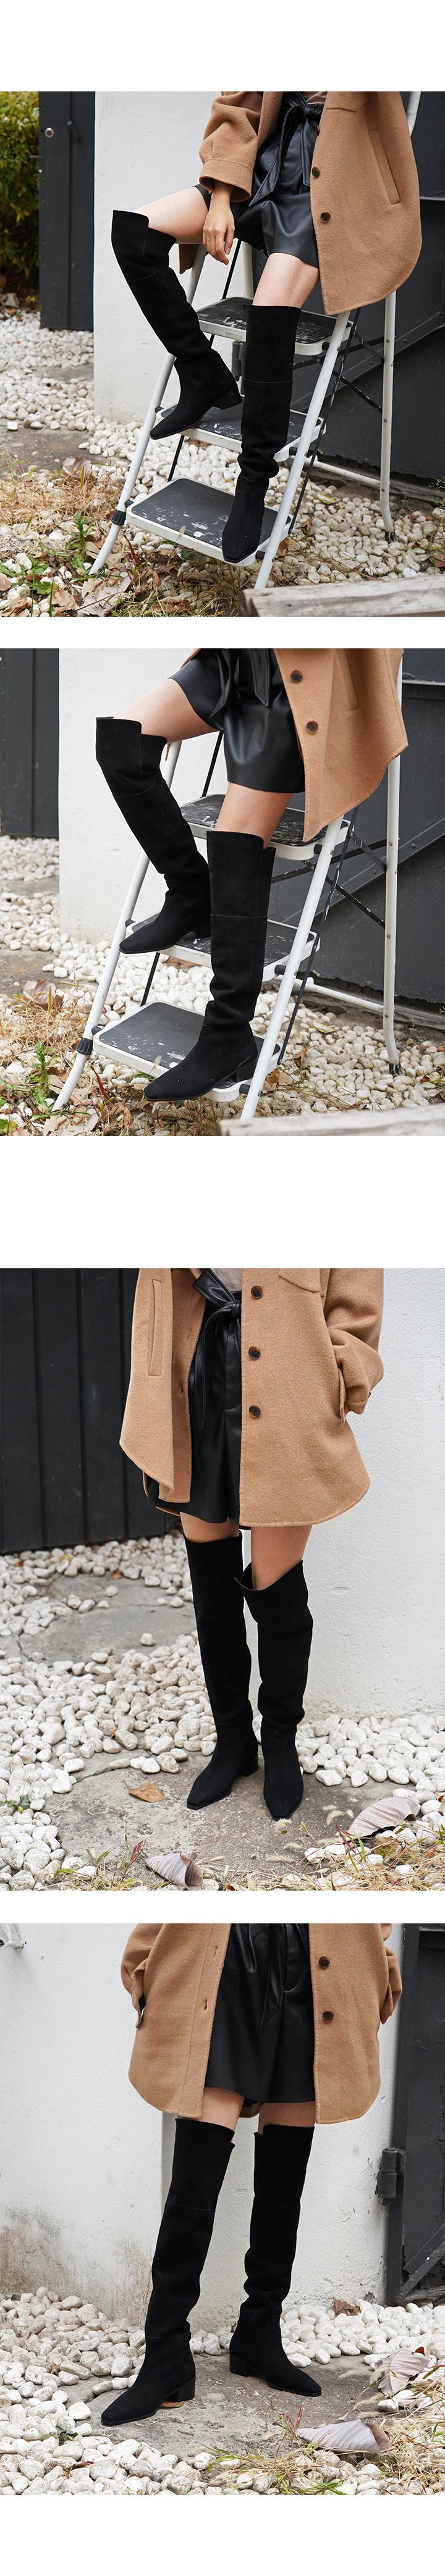 레이첼콕스(RACHEL COX) Thigh high boots_Lamia R2315b_4cm